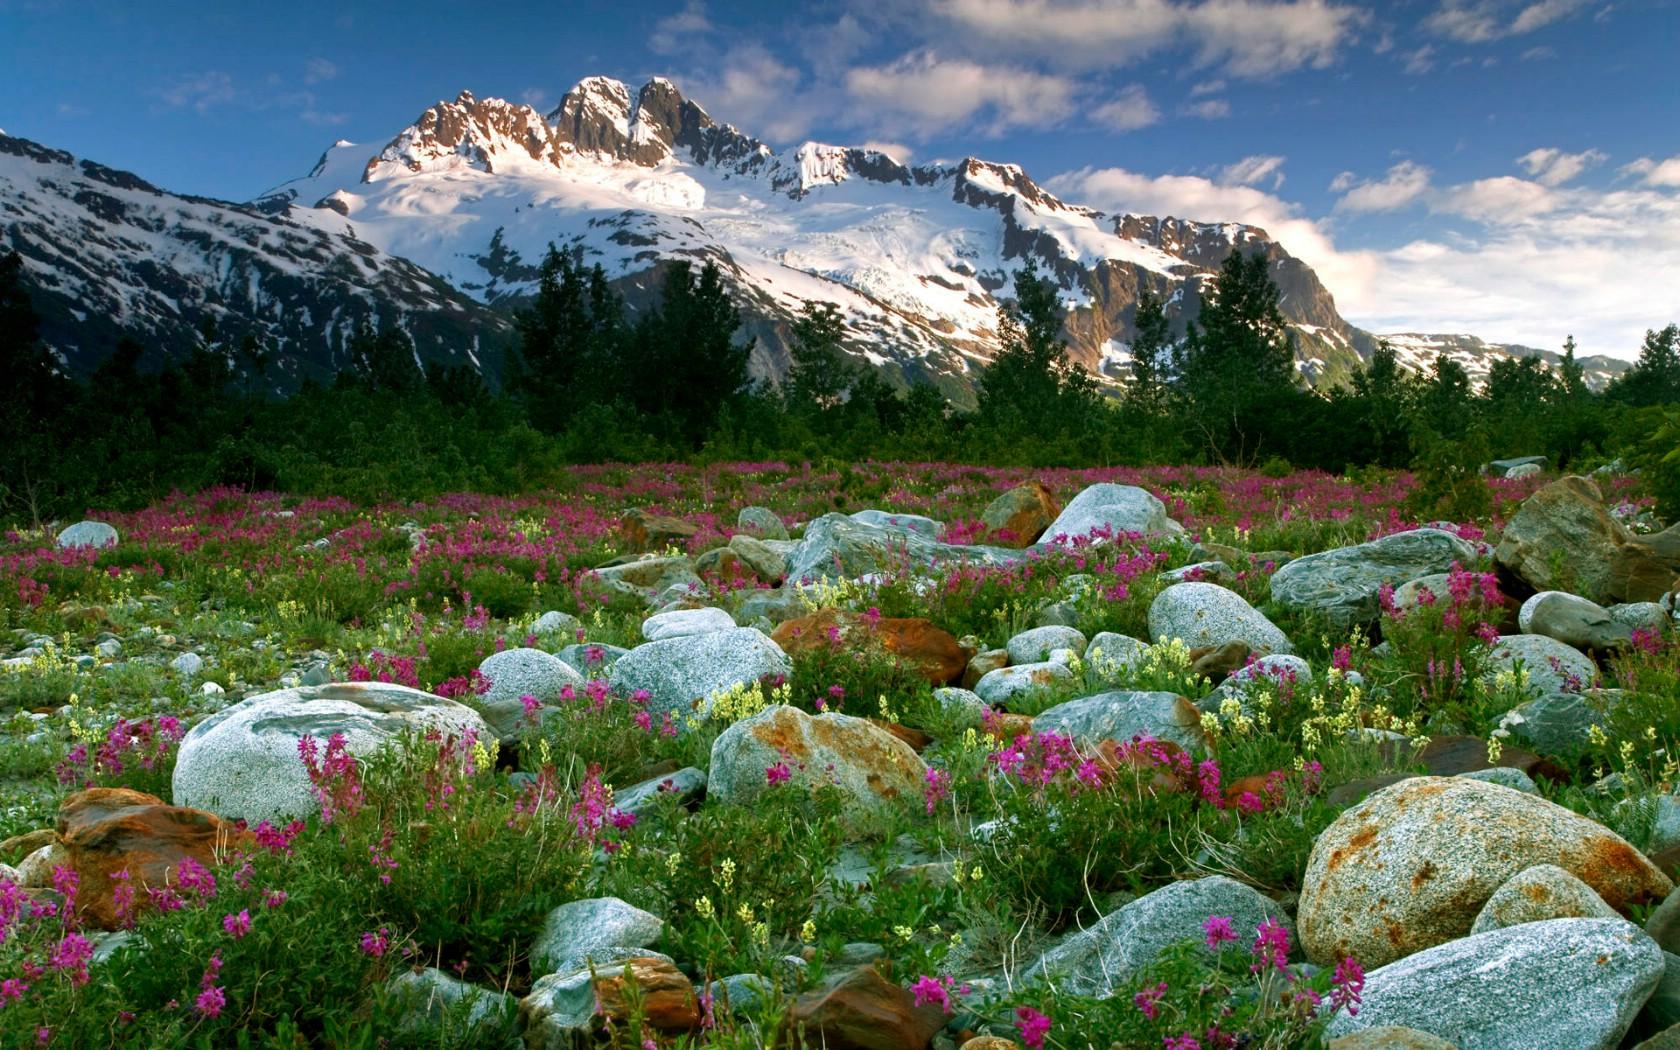 加拿大风景图片_加拿大风景介绍_加拿大风景图_山水风景卓面风景图